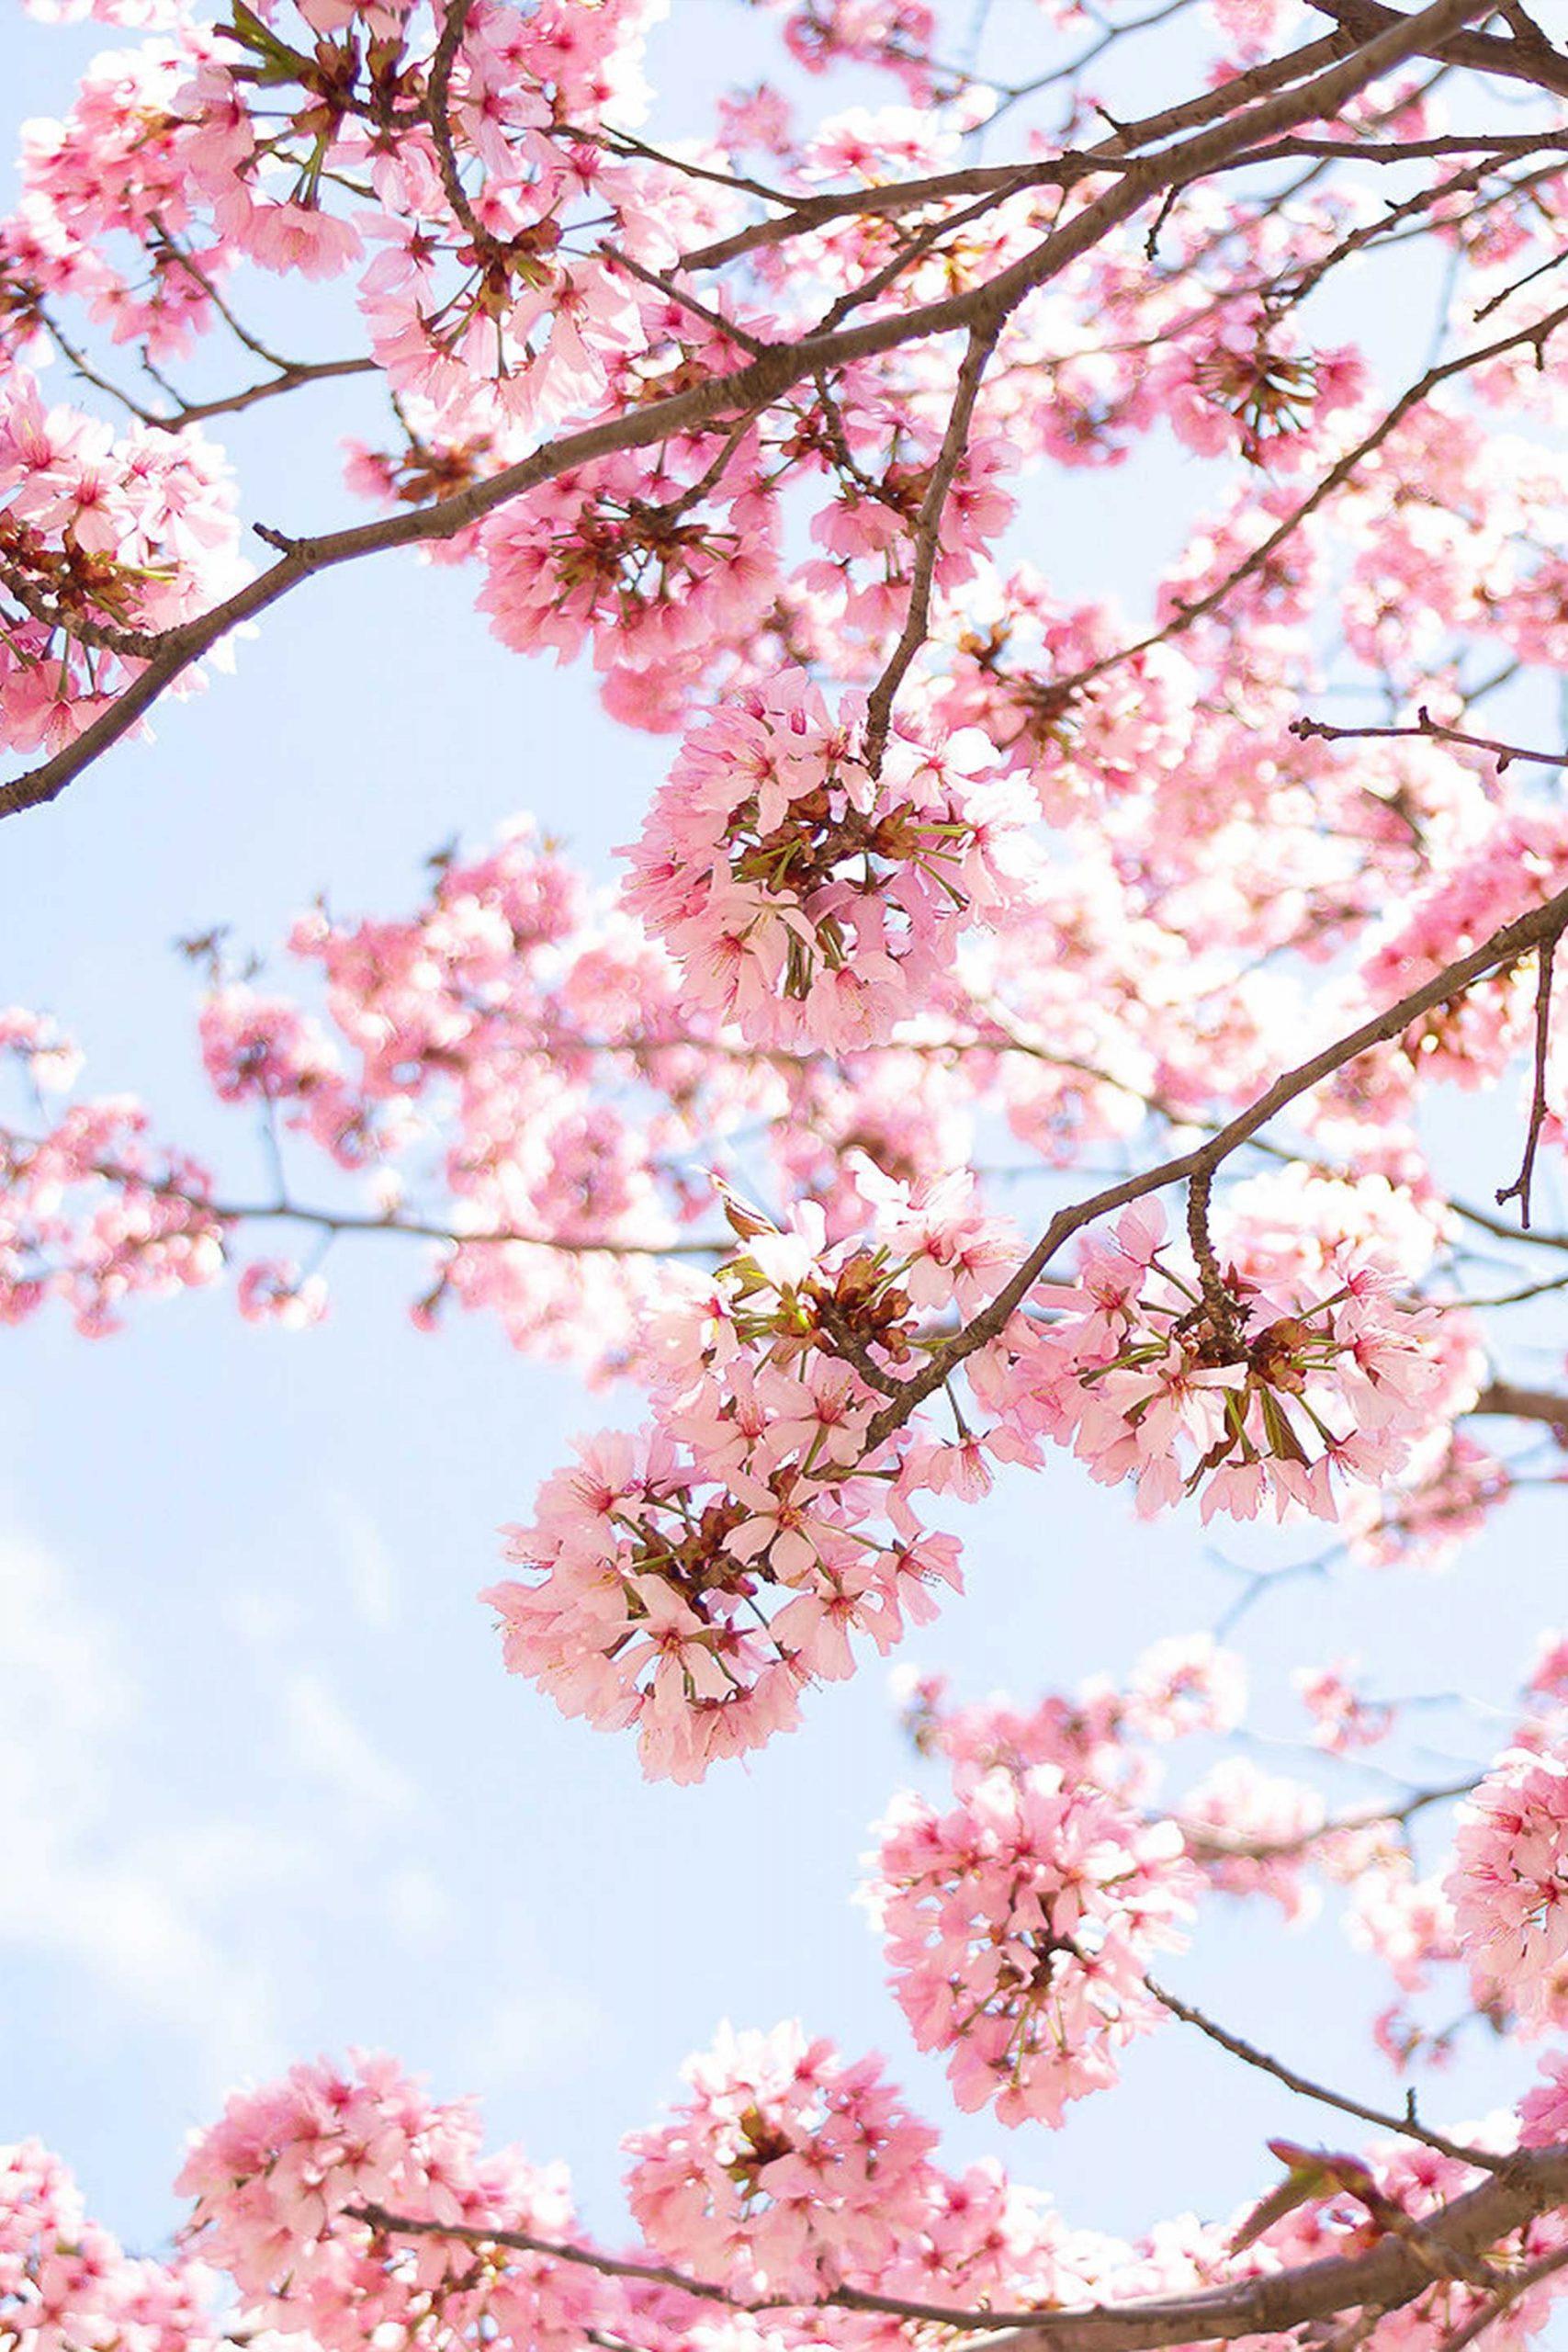 Damit du den perfekten Start in den Frühling hast, gebe ich dir am Lifestyle Blog einige Tipps, die du noch vor Frühlingsbeginn machen solltest. So steht dem Frühlingsanfang nichts mehr im Wege! www.whoismocca.com